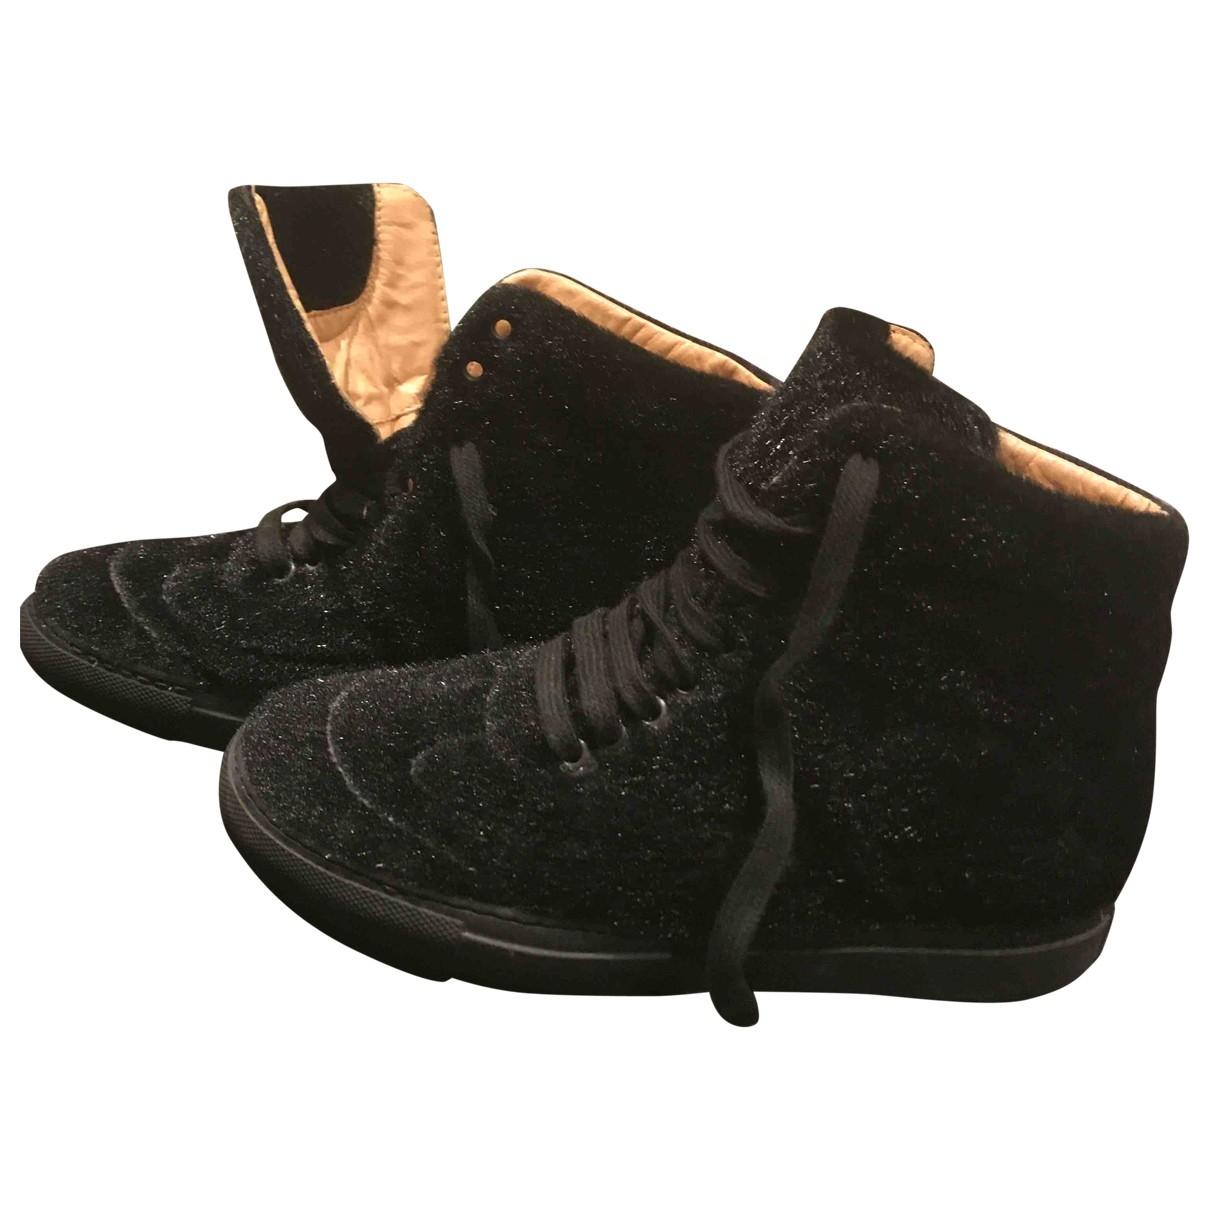 Mm6 - Baskets   pour femme en a paillettes - noir